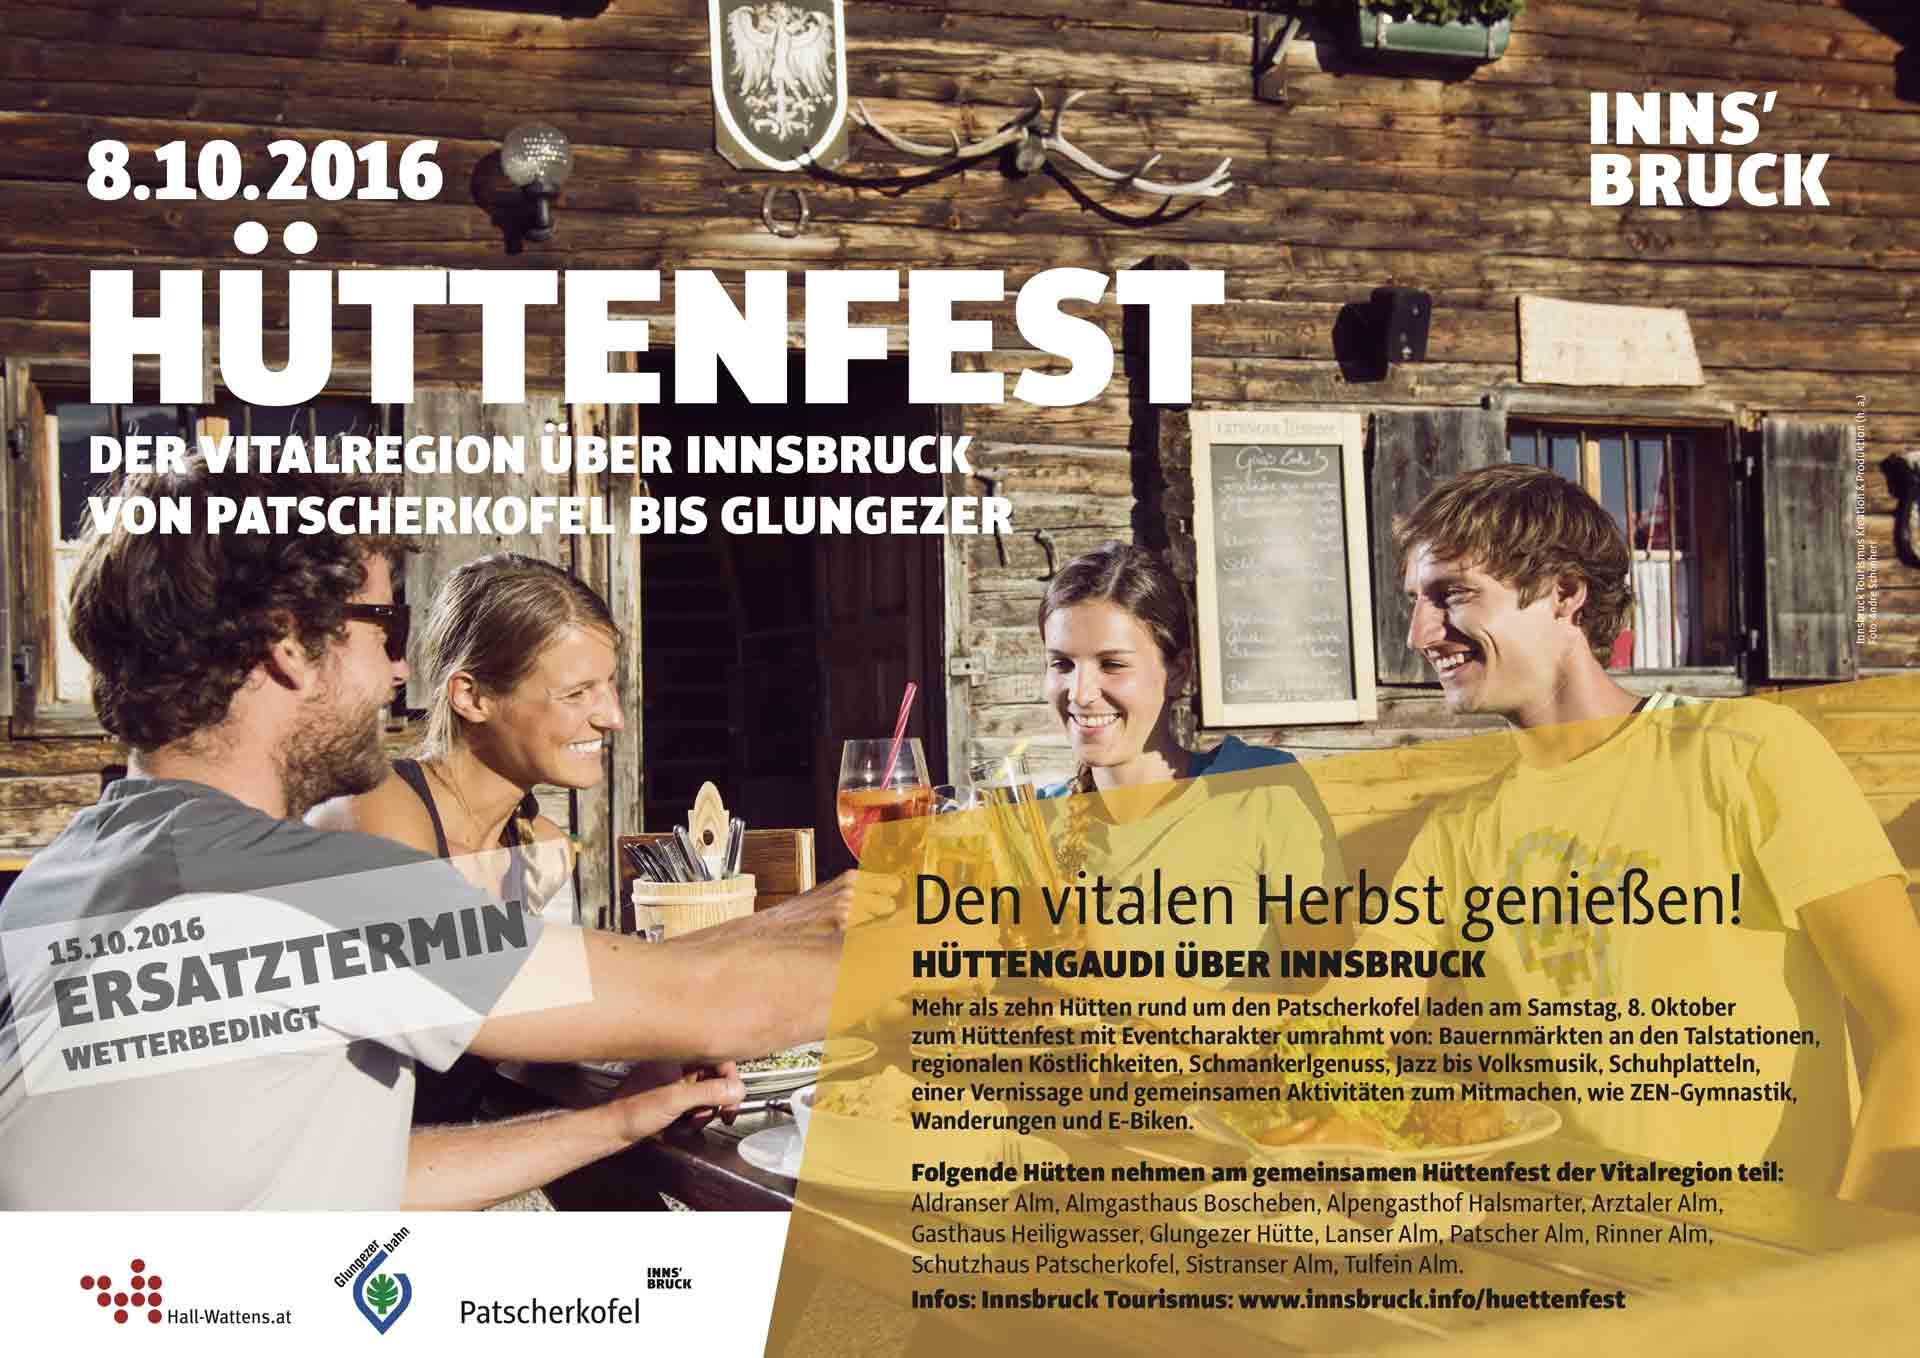 161005-huettenfest-innsbruck-glungezer-2